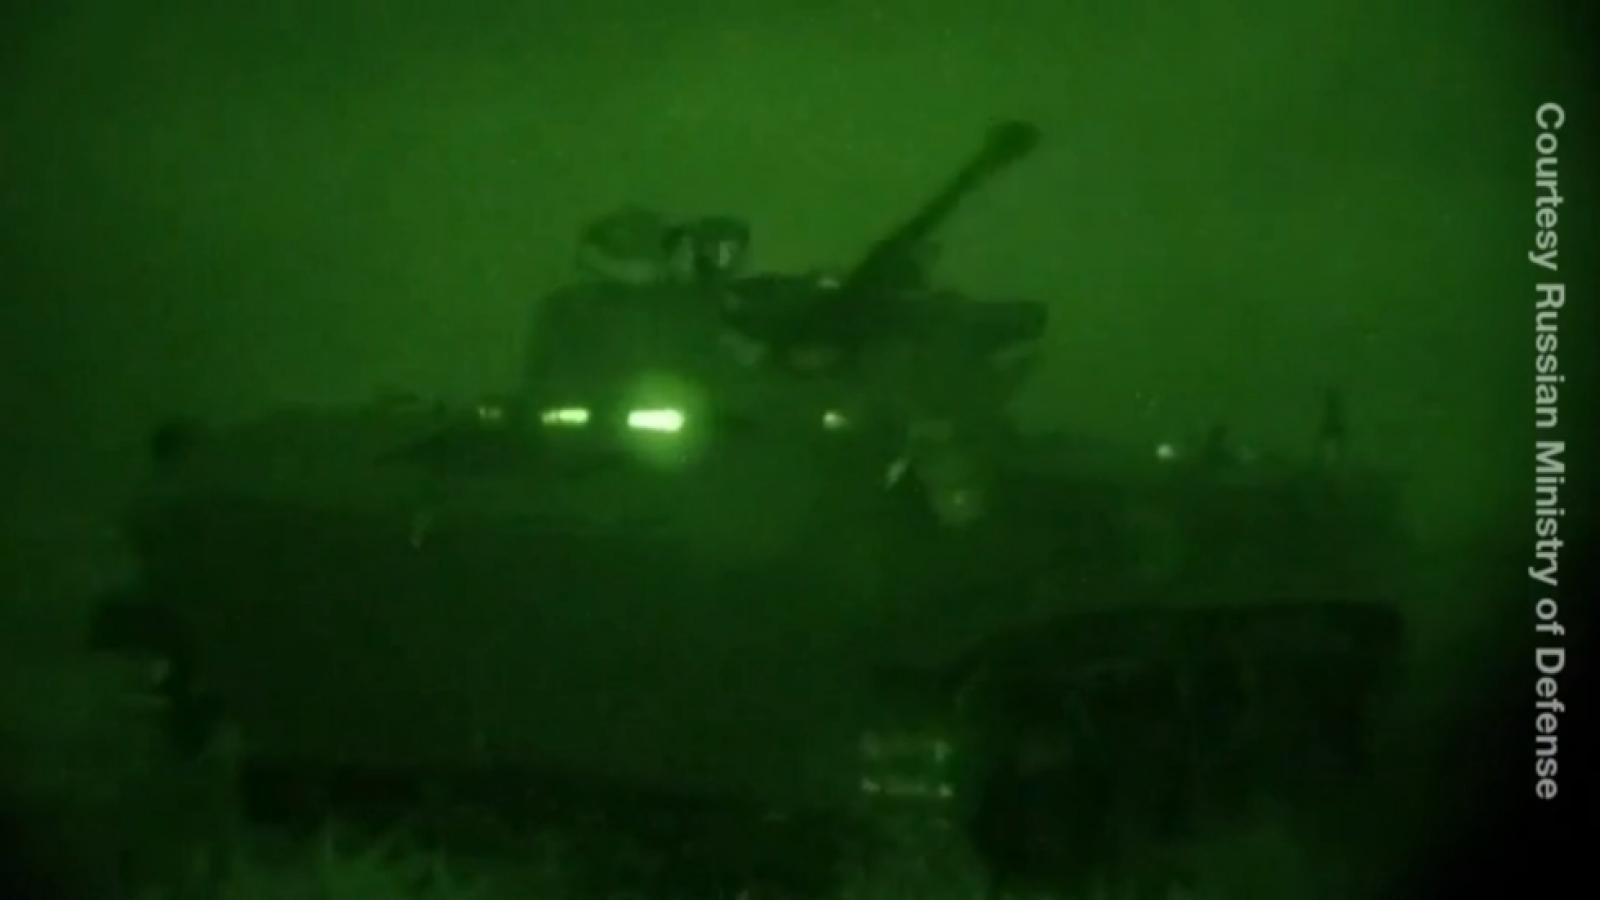 Lính dù Nga diễn tập đổ bộ, tấn công lúc nửa đêm